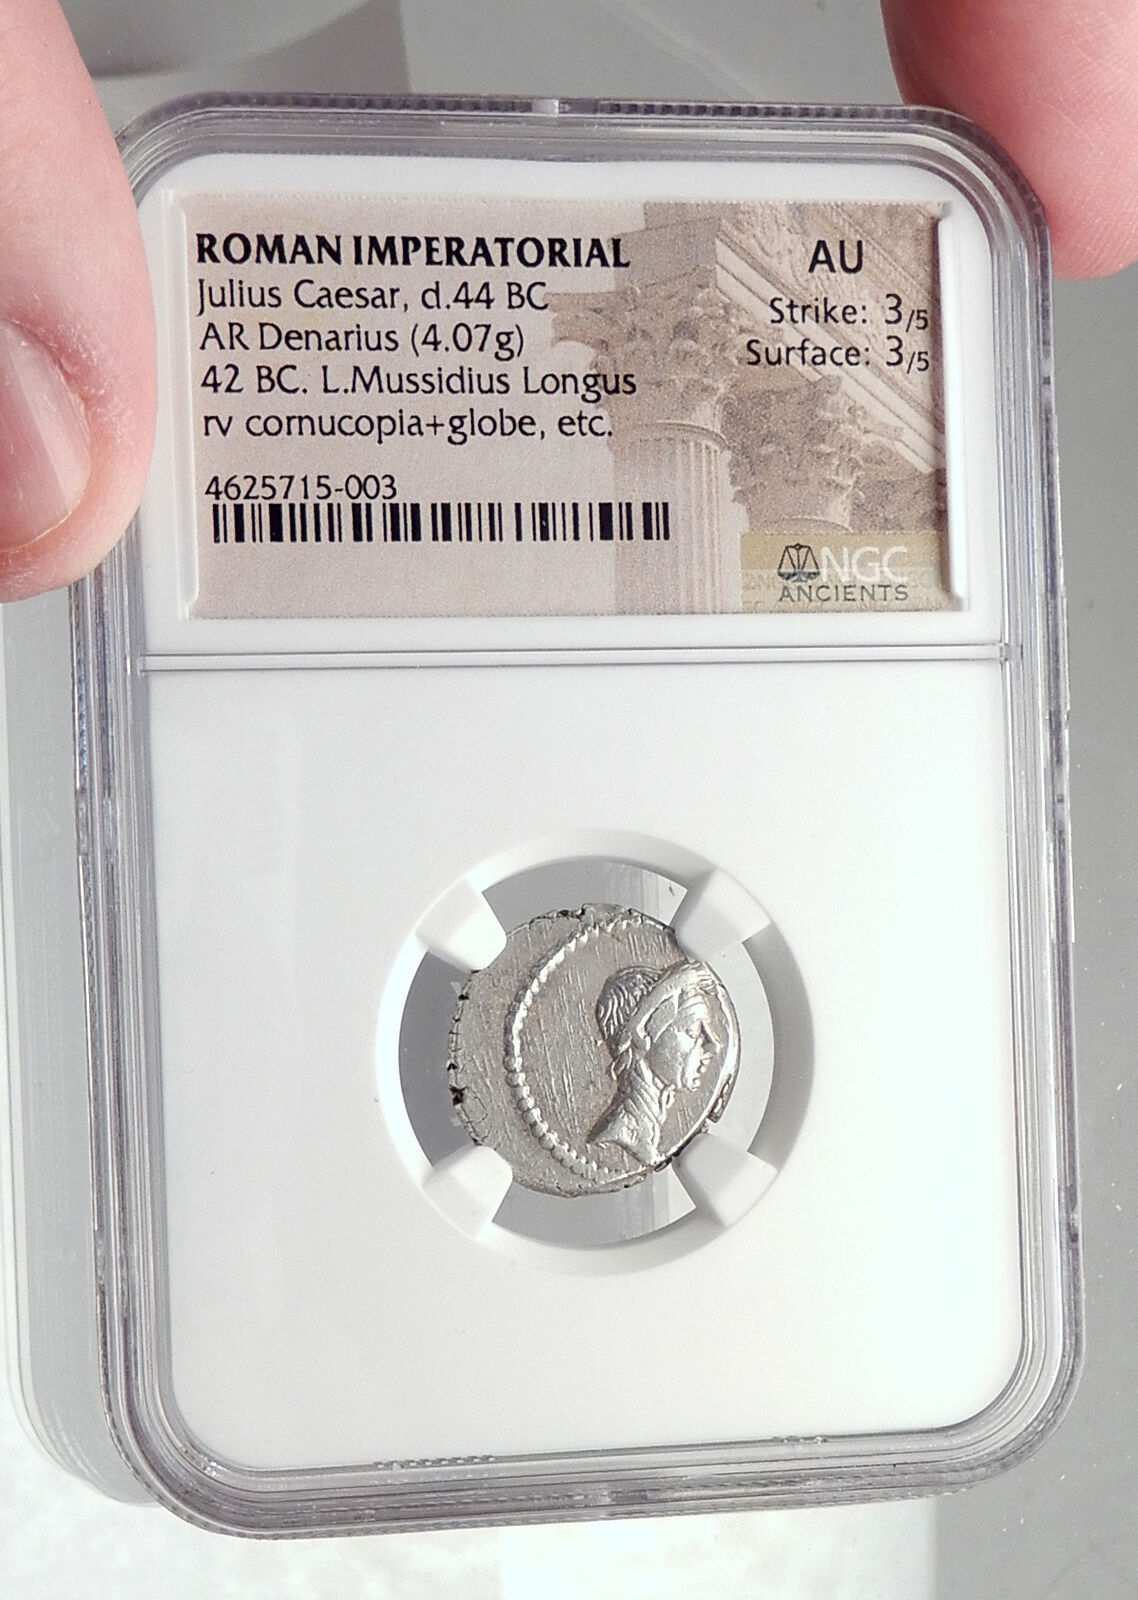 JULIUS CAESR Portrait 42BC Rome Authentic Ancient Silver Roman Coin NGC i72396 3